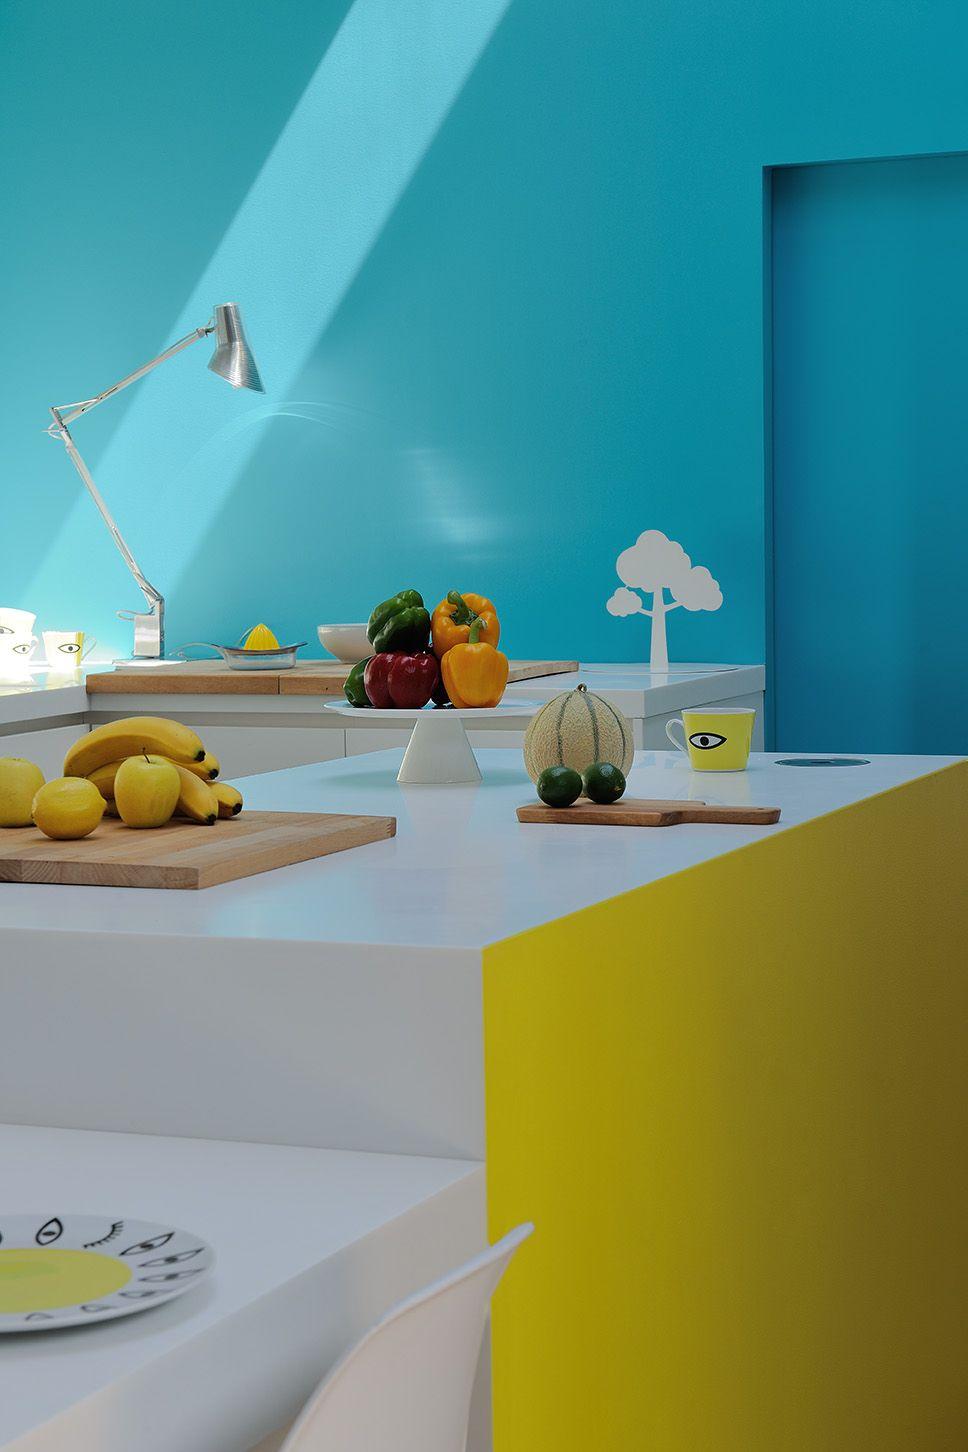 Une cuisine vivante et acidulée #zolpan #peinture #bleu #jaune